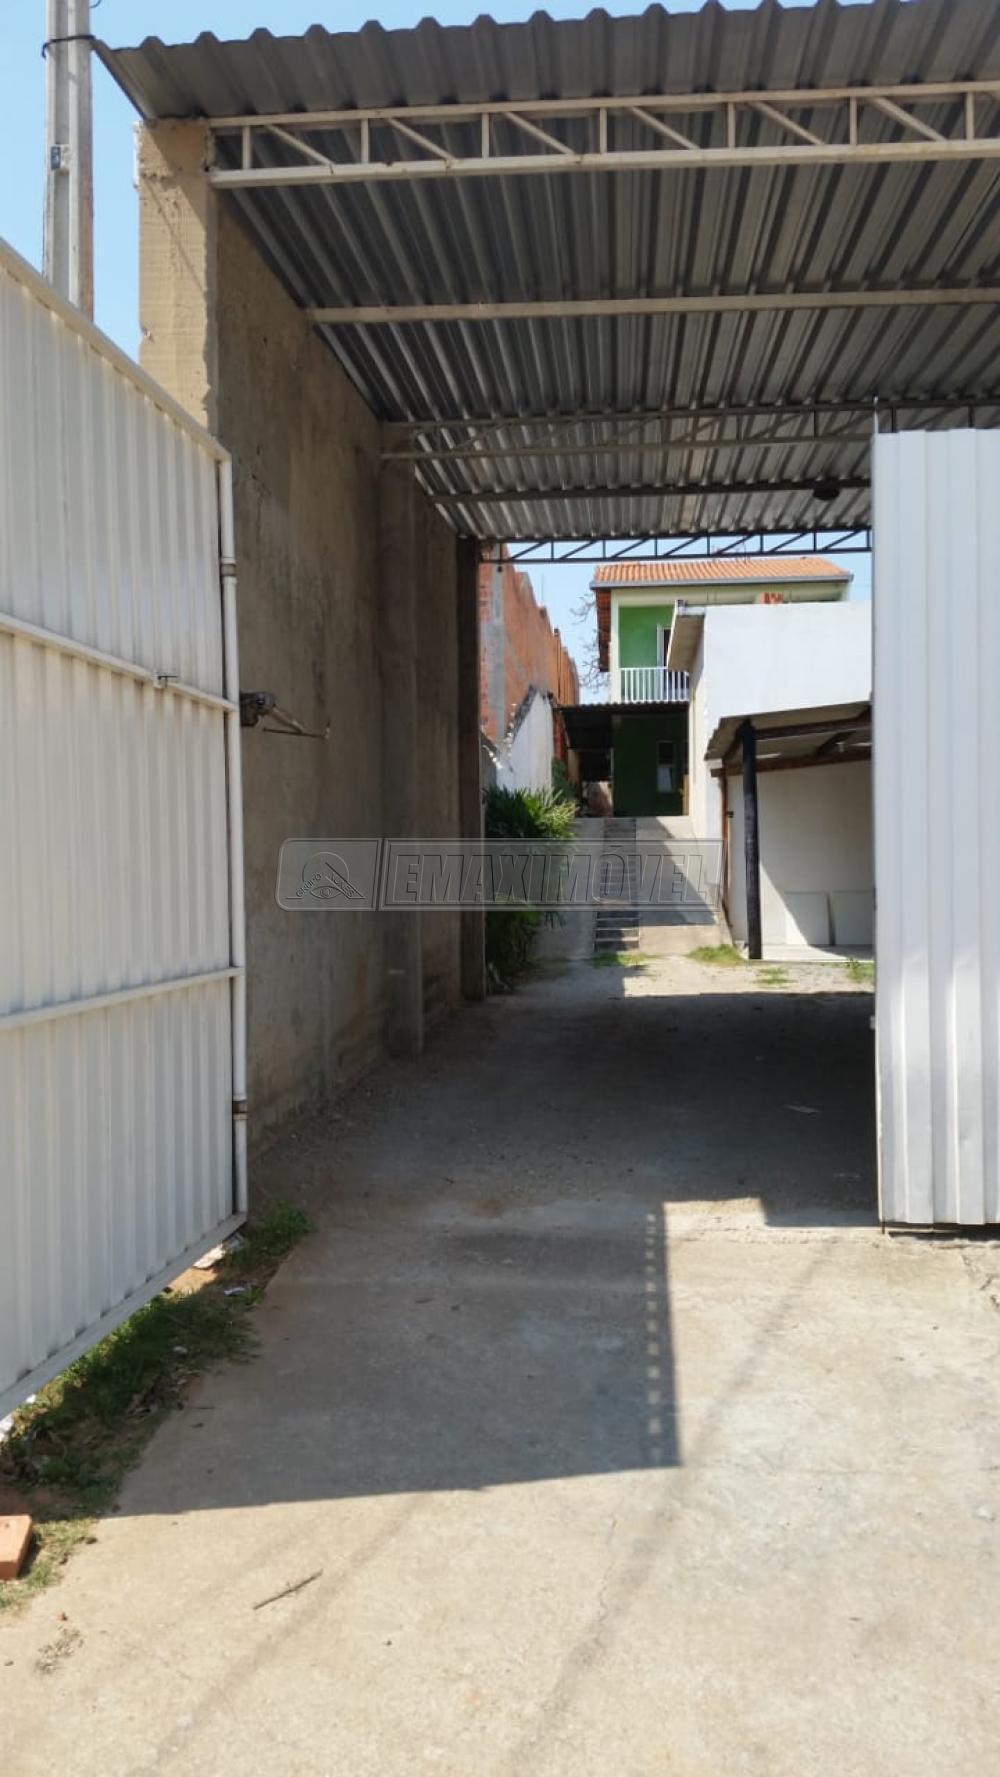 Comprar Casas / em Bairros em Sorocaba apenas R$ 480.000,00 - Foto 2